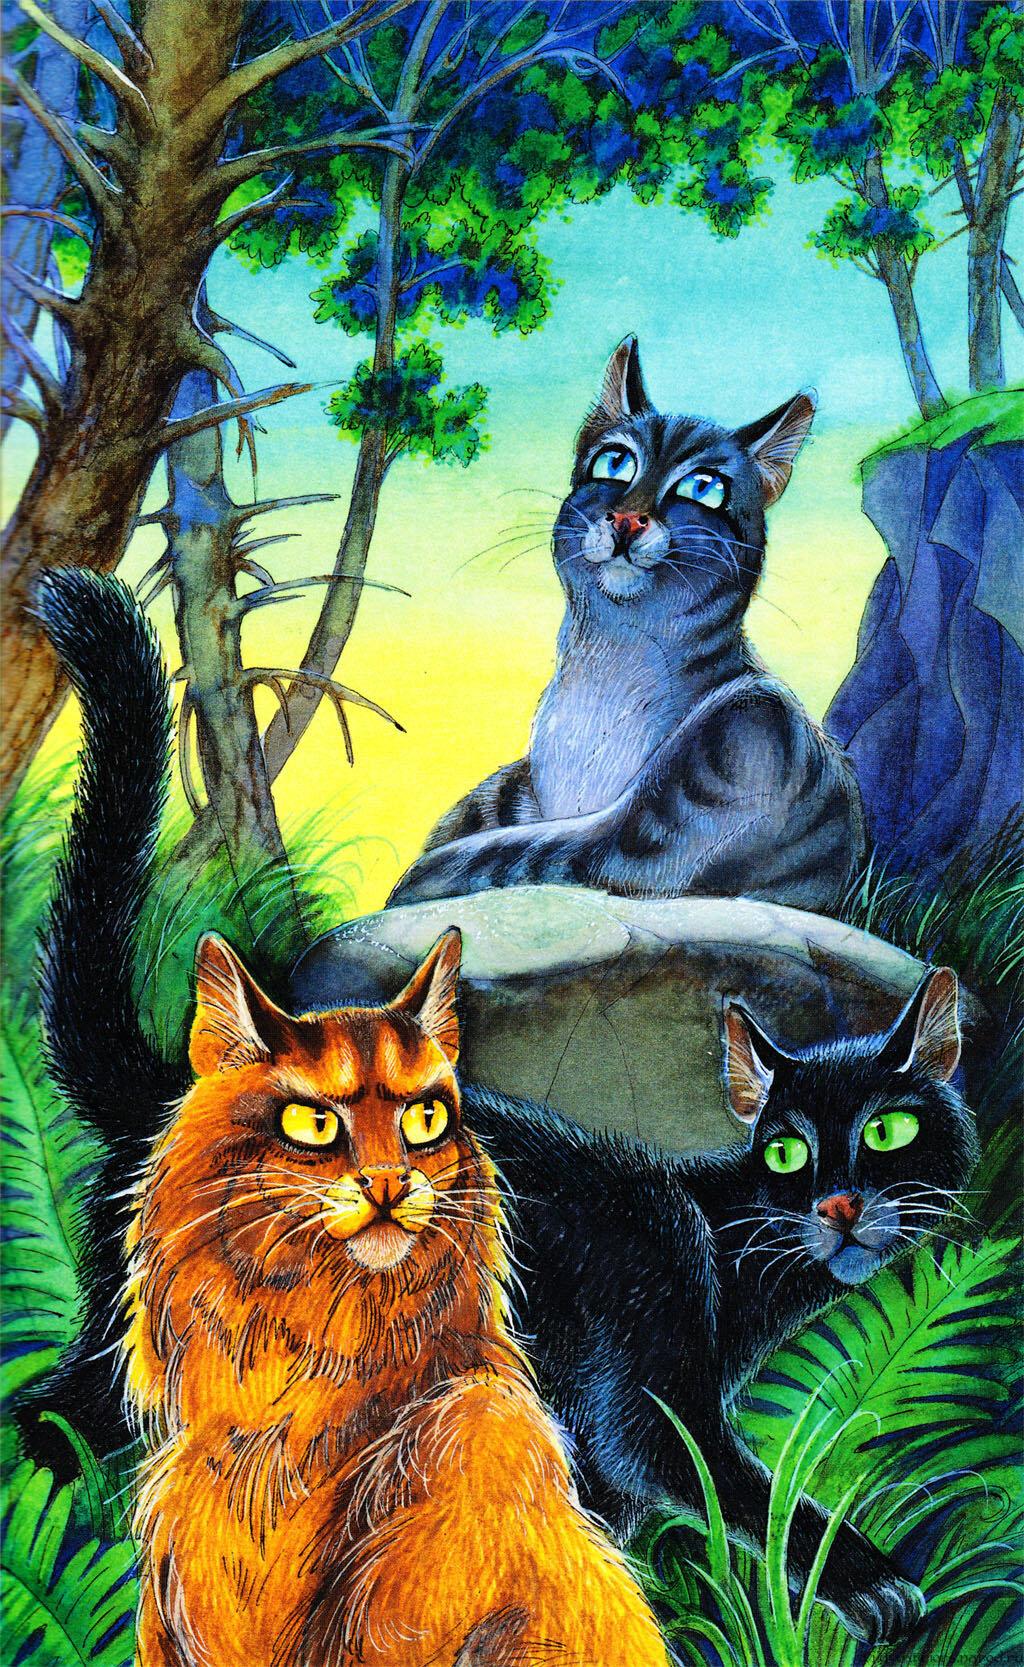 судя коты воители герои племен большому счету